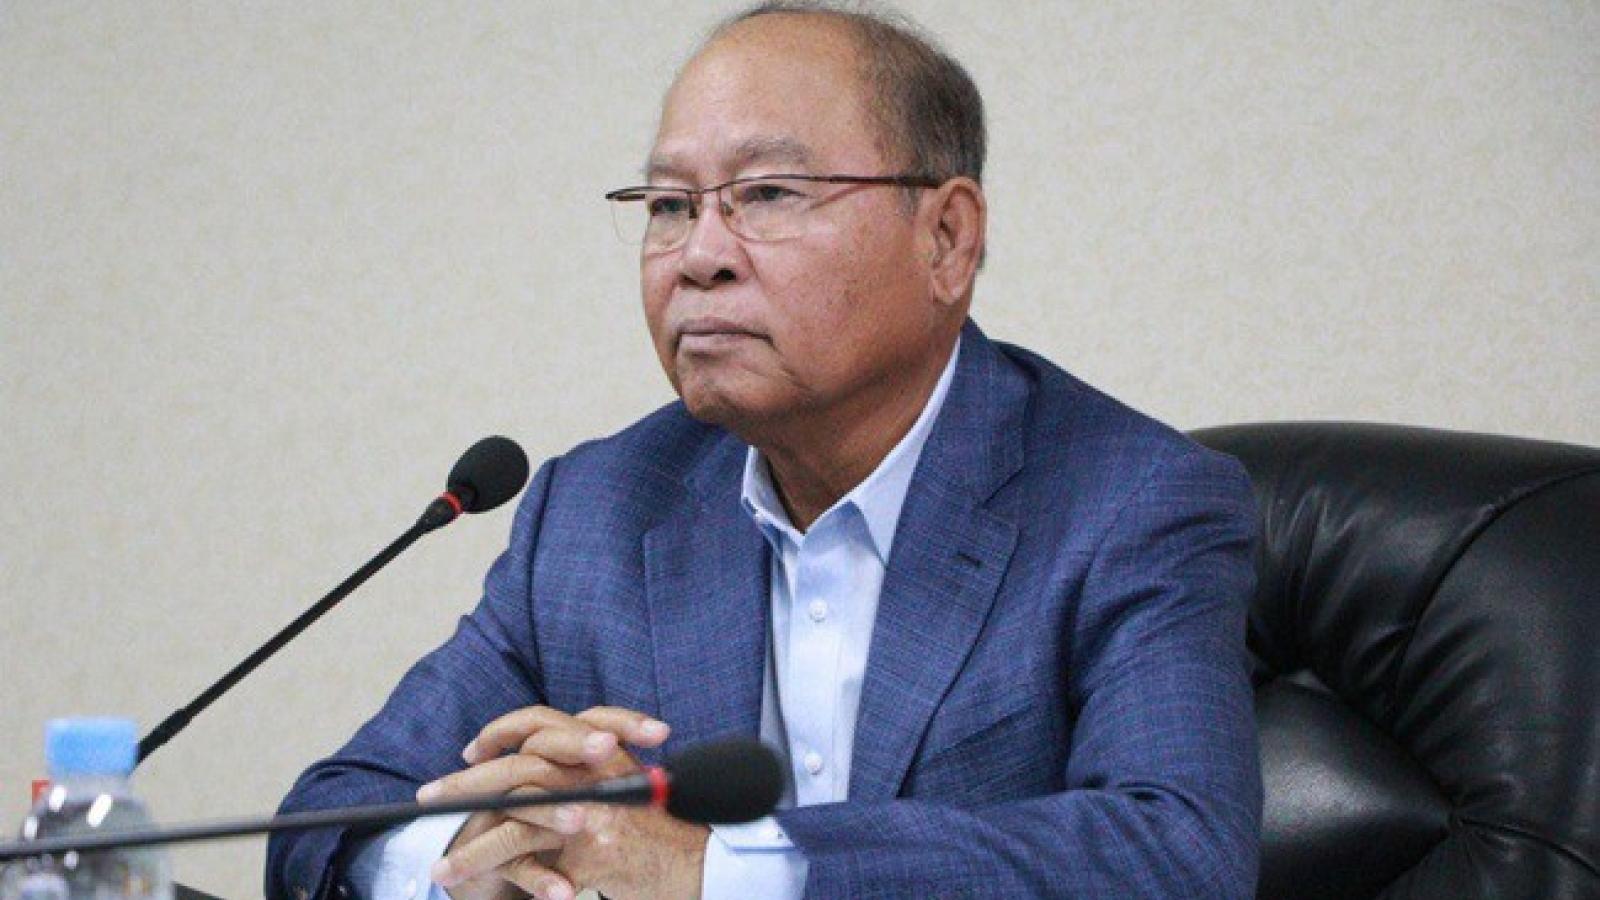 Campuchia vẫn hết sức đề phòng sự lây lan của dịch bệnh Covid-19